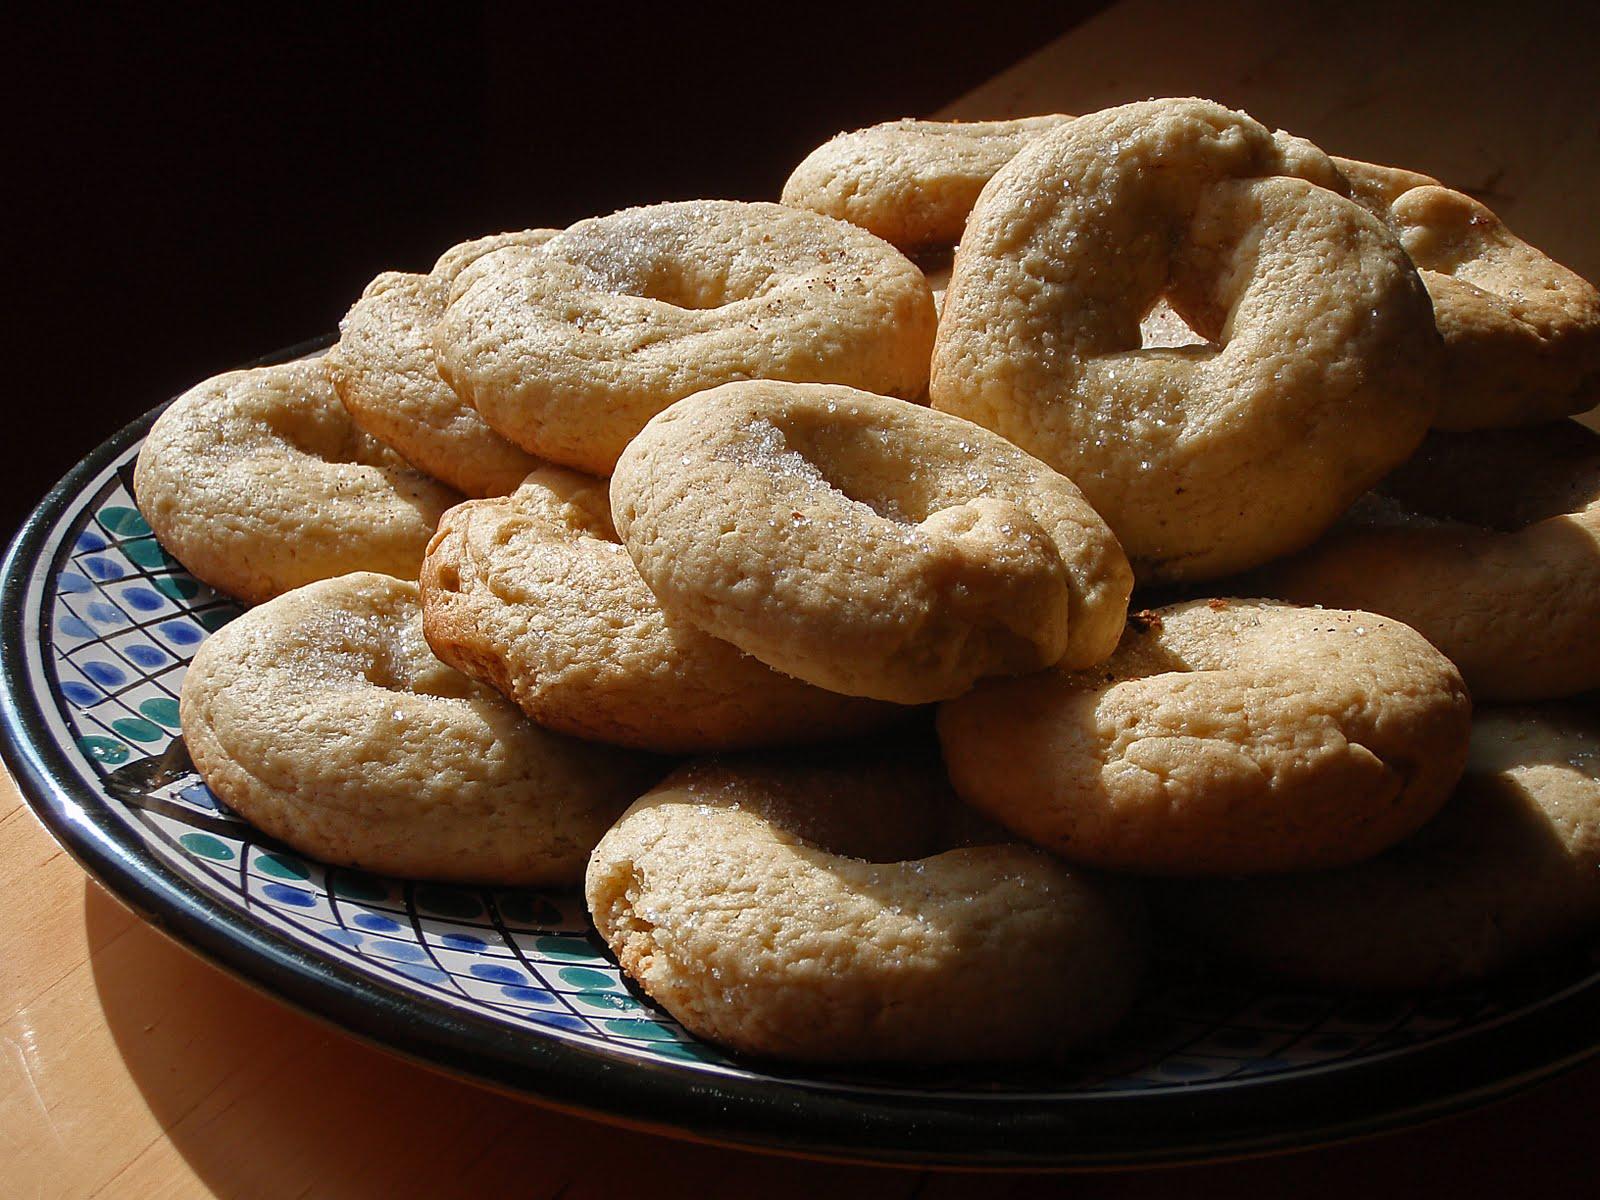 Casa soledad rollos de cazalla for Acide tartrique en cuisine